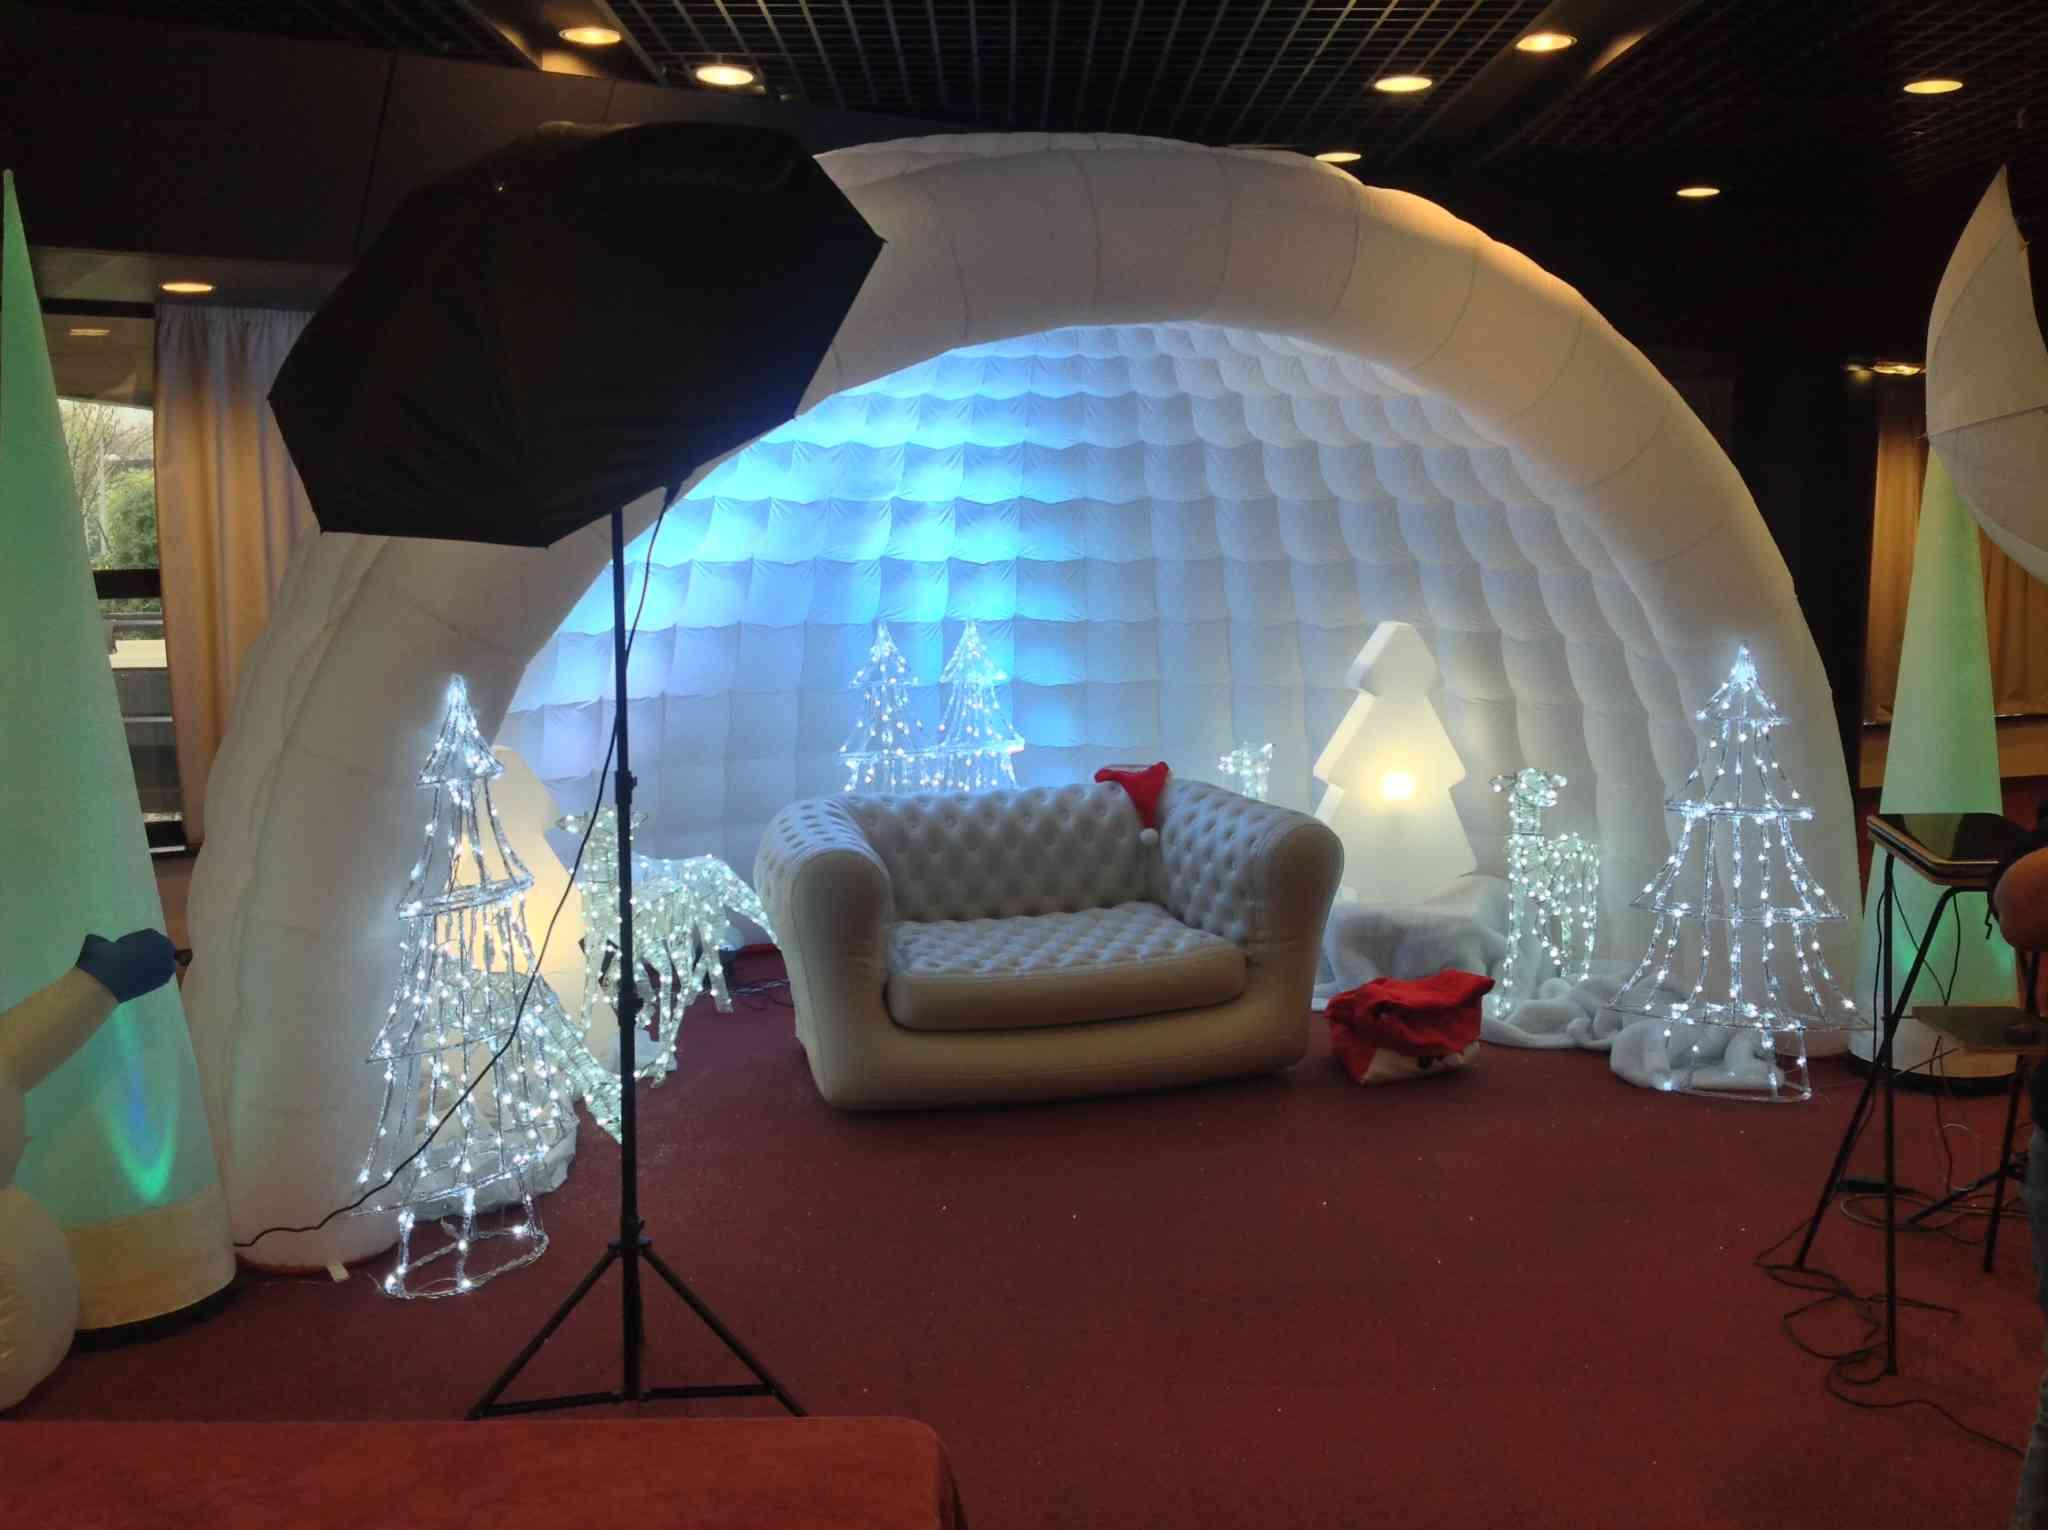 Magnifique igloo en gonflable pour le décor de Noel